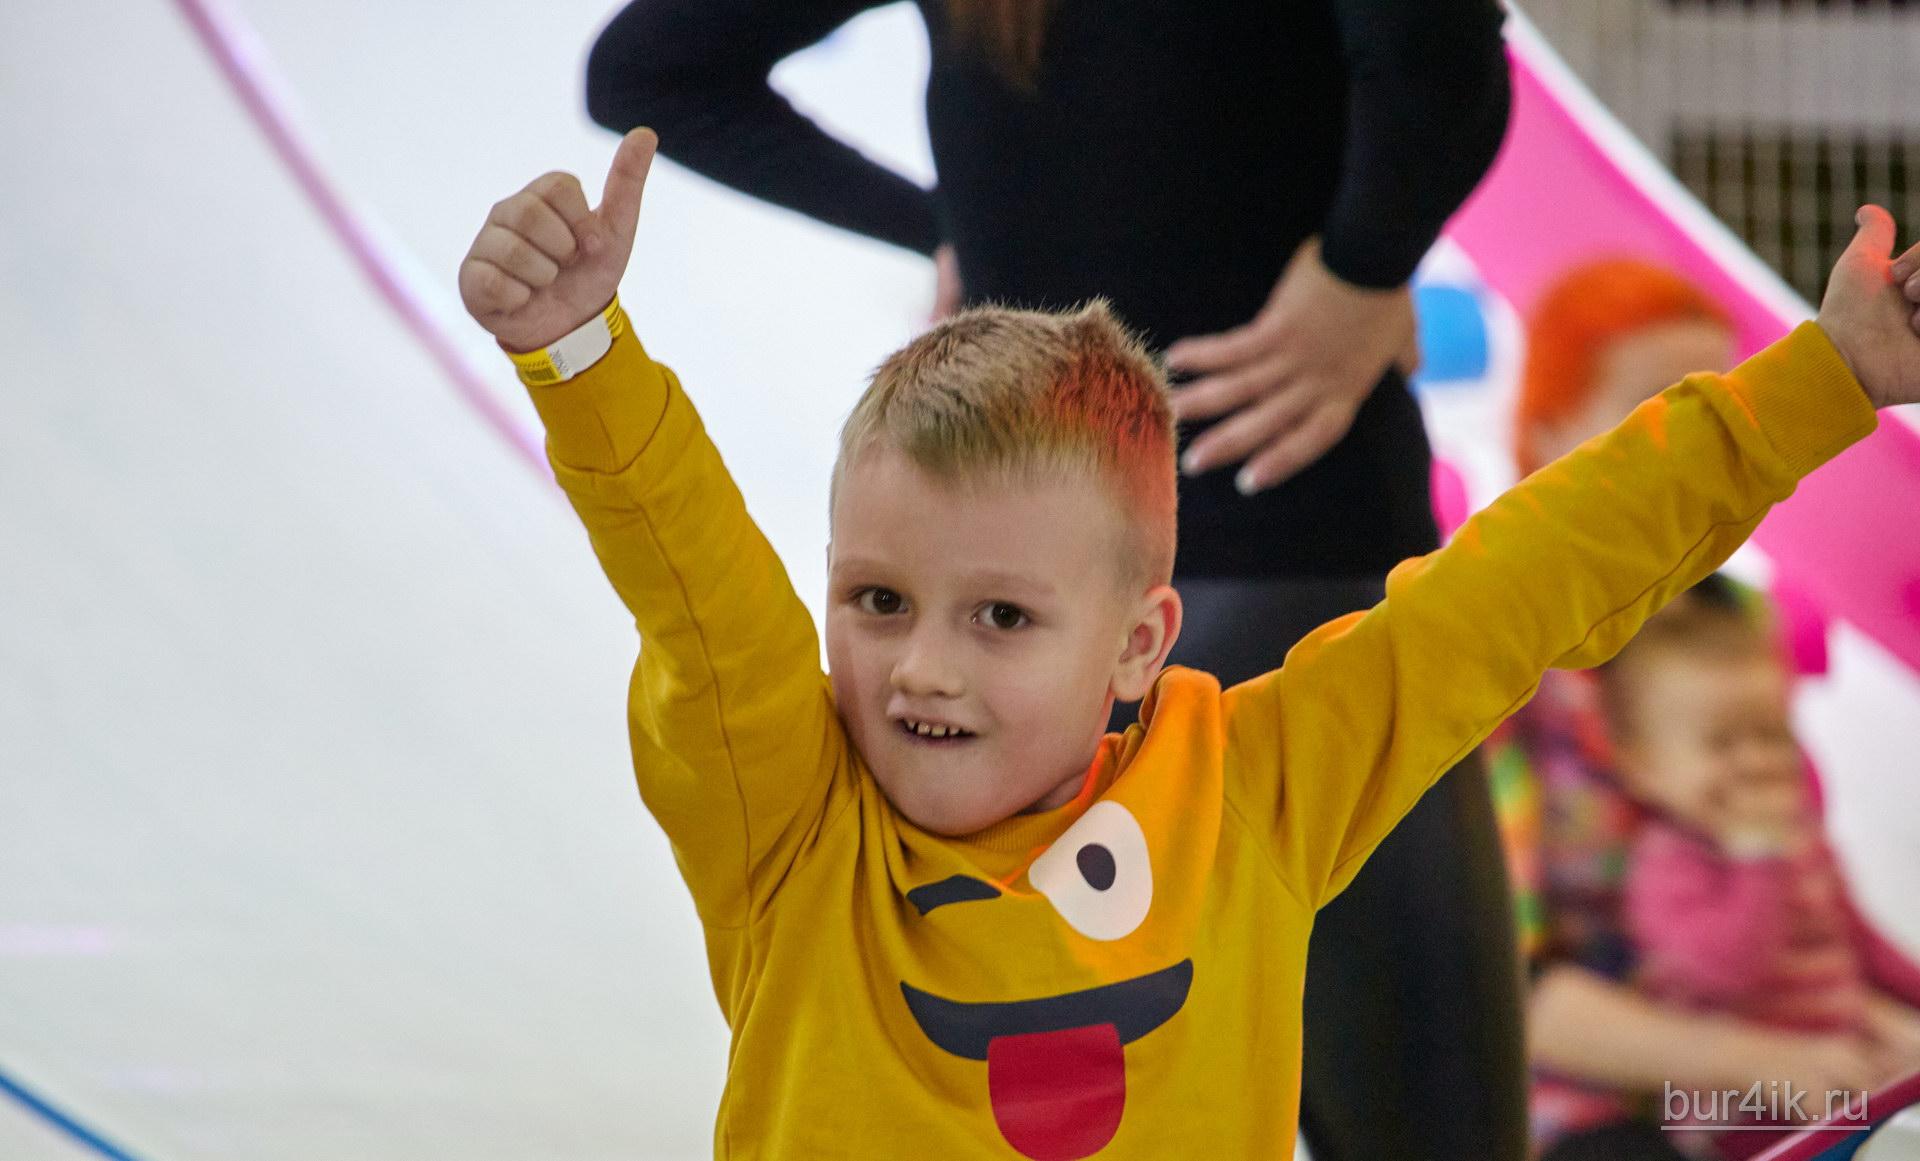 Фото Детское День Рождения в Детский Дворик 15.01.2020 №001 -photo- bur4ik.ru